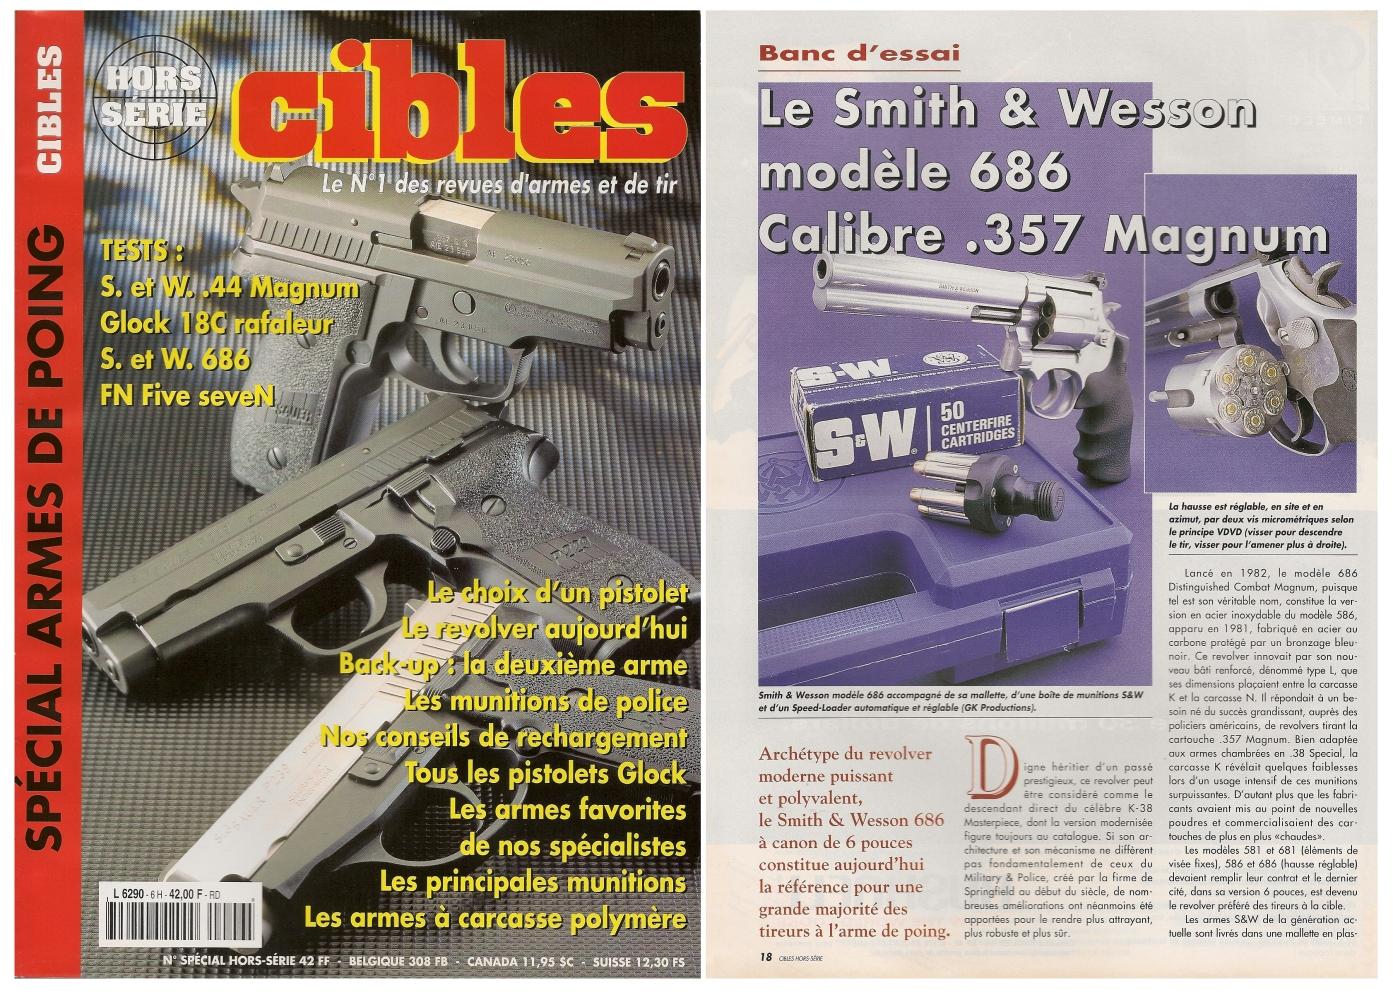 Le banc d'essai du revolver Smith & Wesson modèle 686 a été publié sur 4 pages dans le numéro Hors-Série « Spécial armes de poing » du magazine Cibles (novembre 1996).